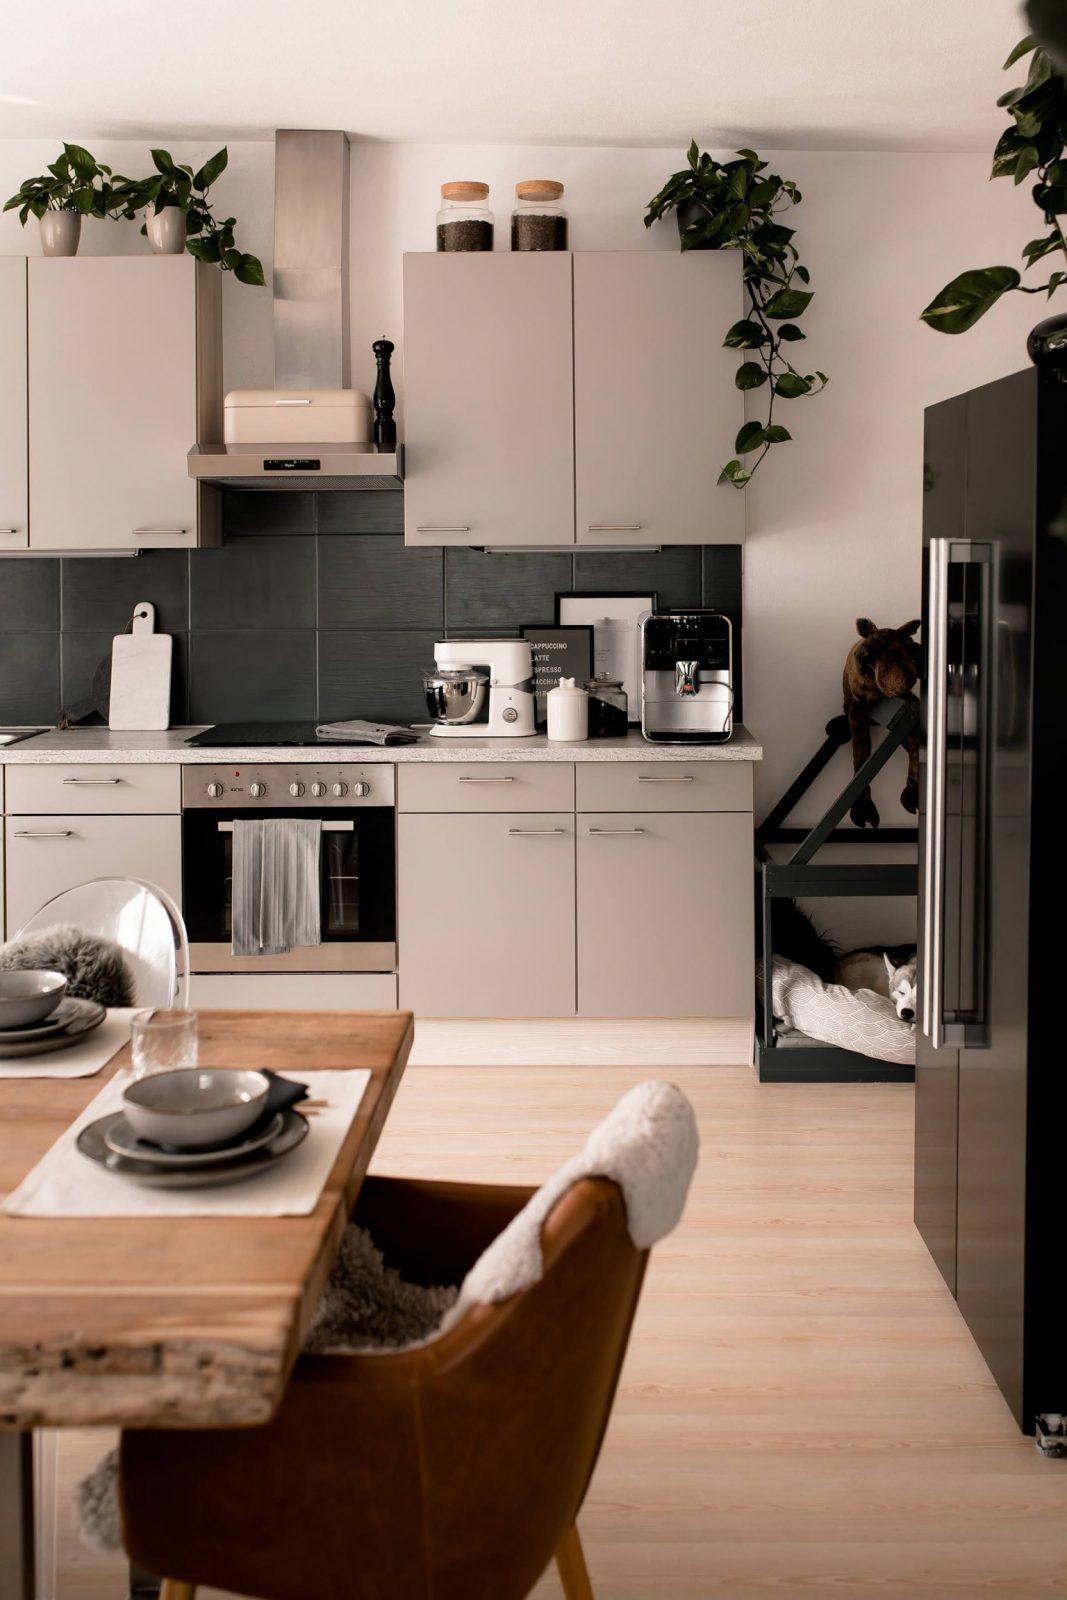 Küche Verschönern Mit Wenig Aufwand Mein Küchenmakeover Inkl von Küche Verschönern Vorher Nachher Photo